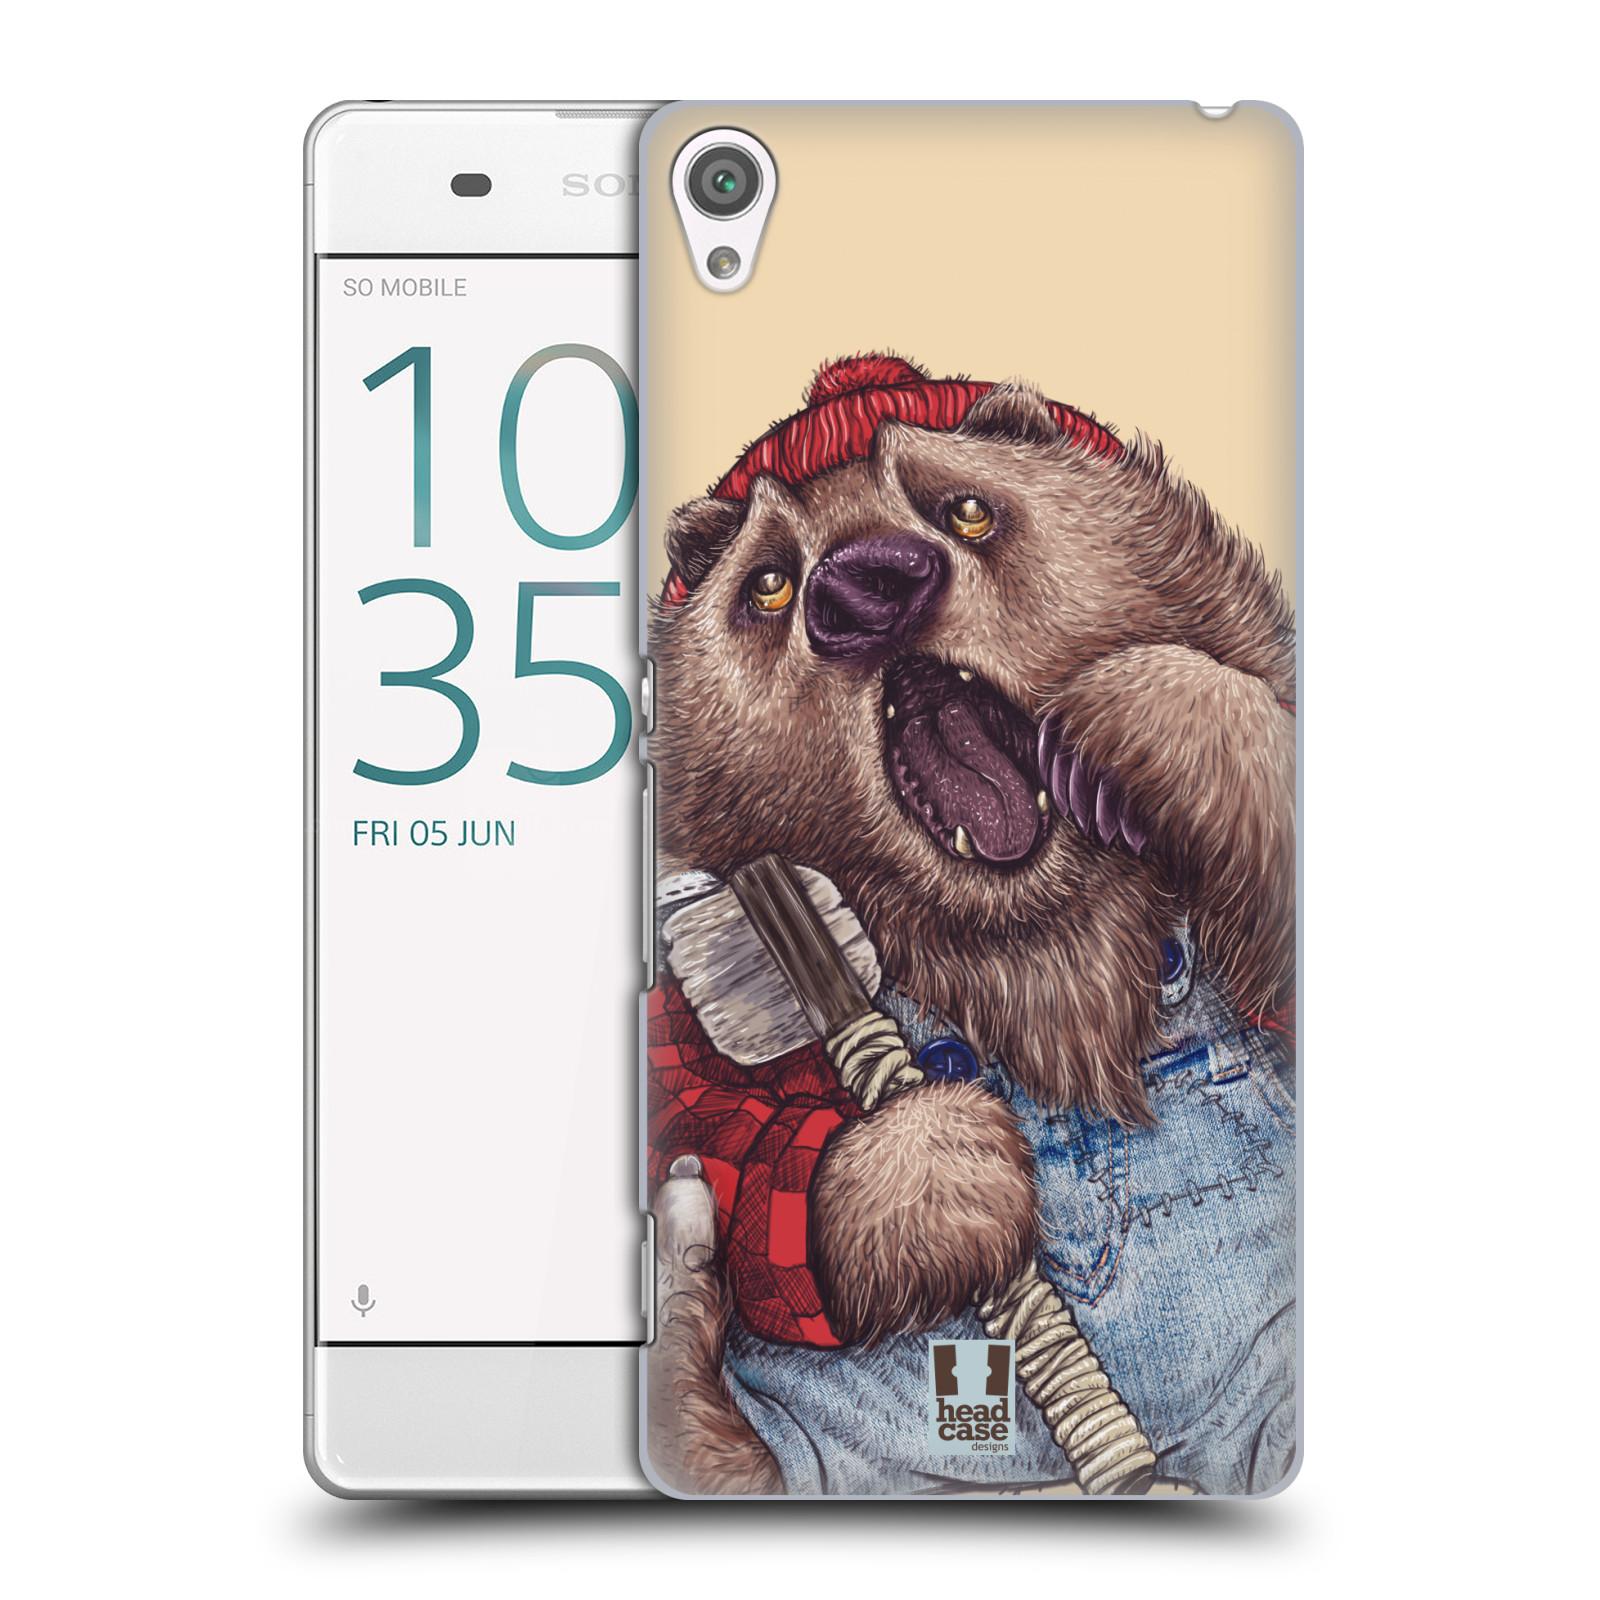 Plastové pouzdro na mobil Sony Xperia XA HEAD CASE ANIMPLA MEDVĚD